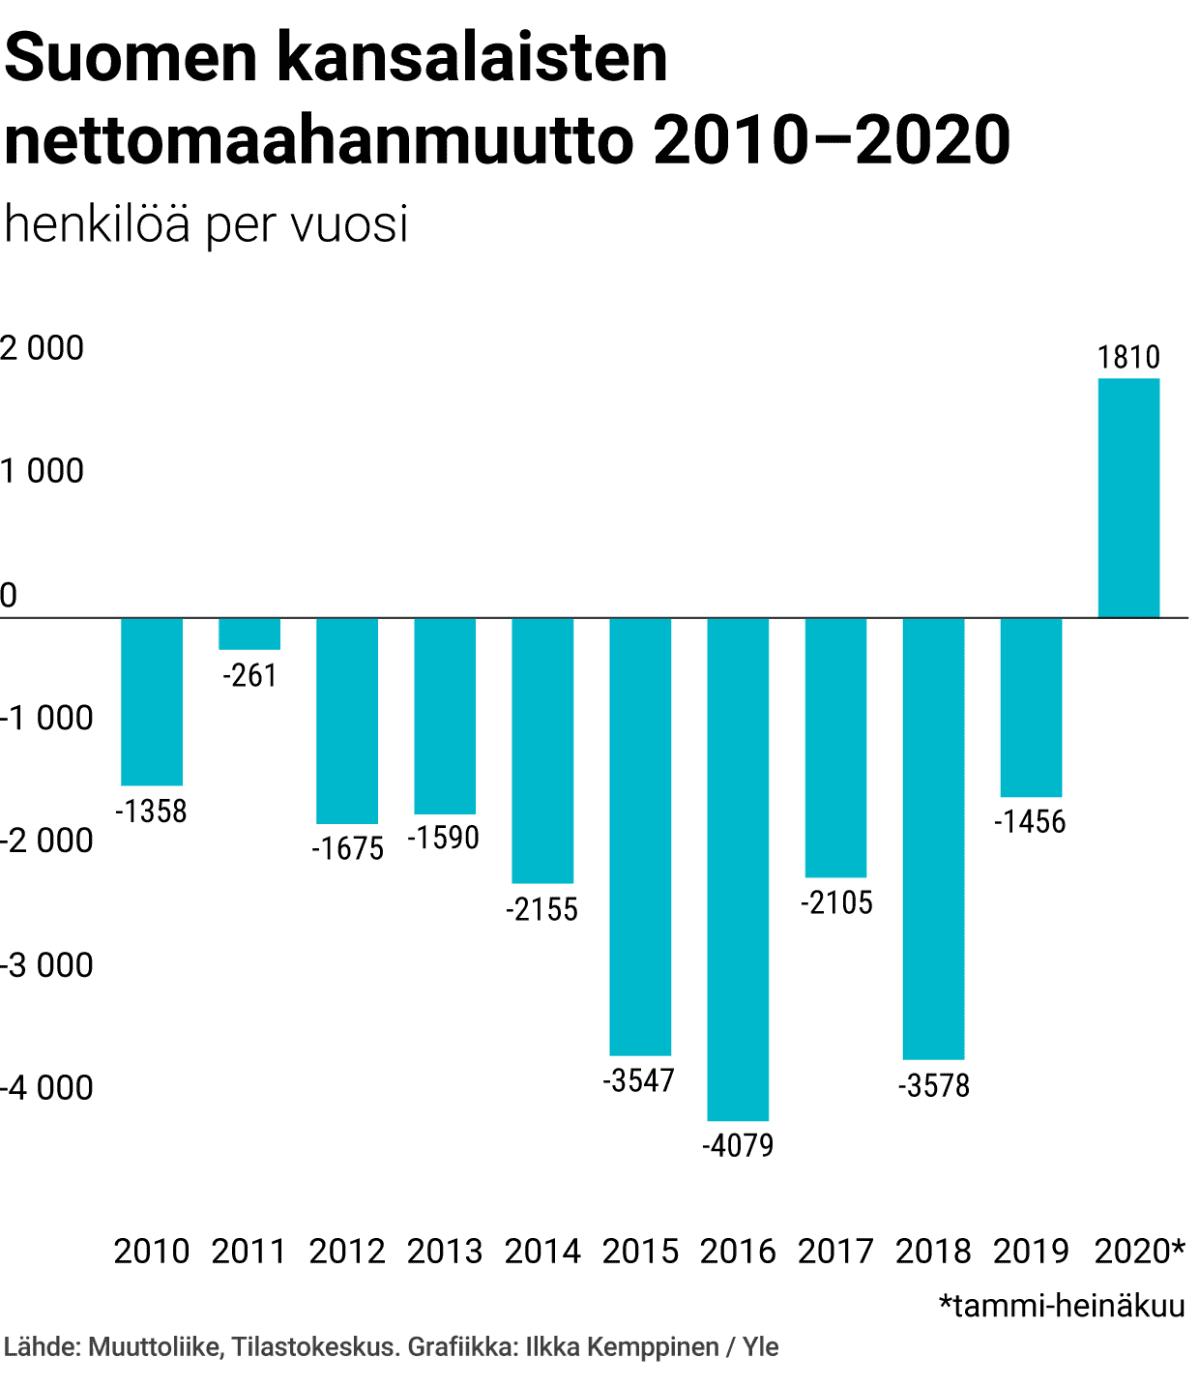 Suomen kansalaisten nettomaahanmuutto 2010-2020